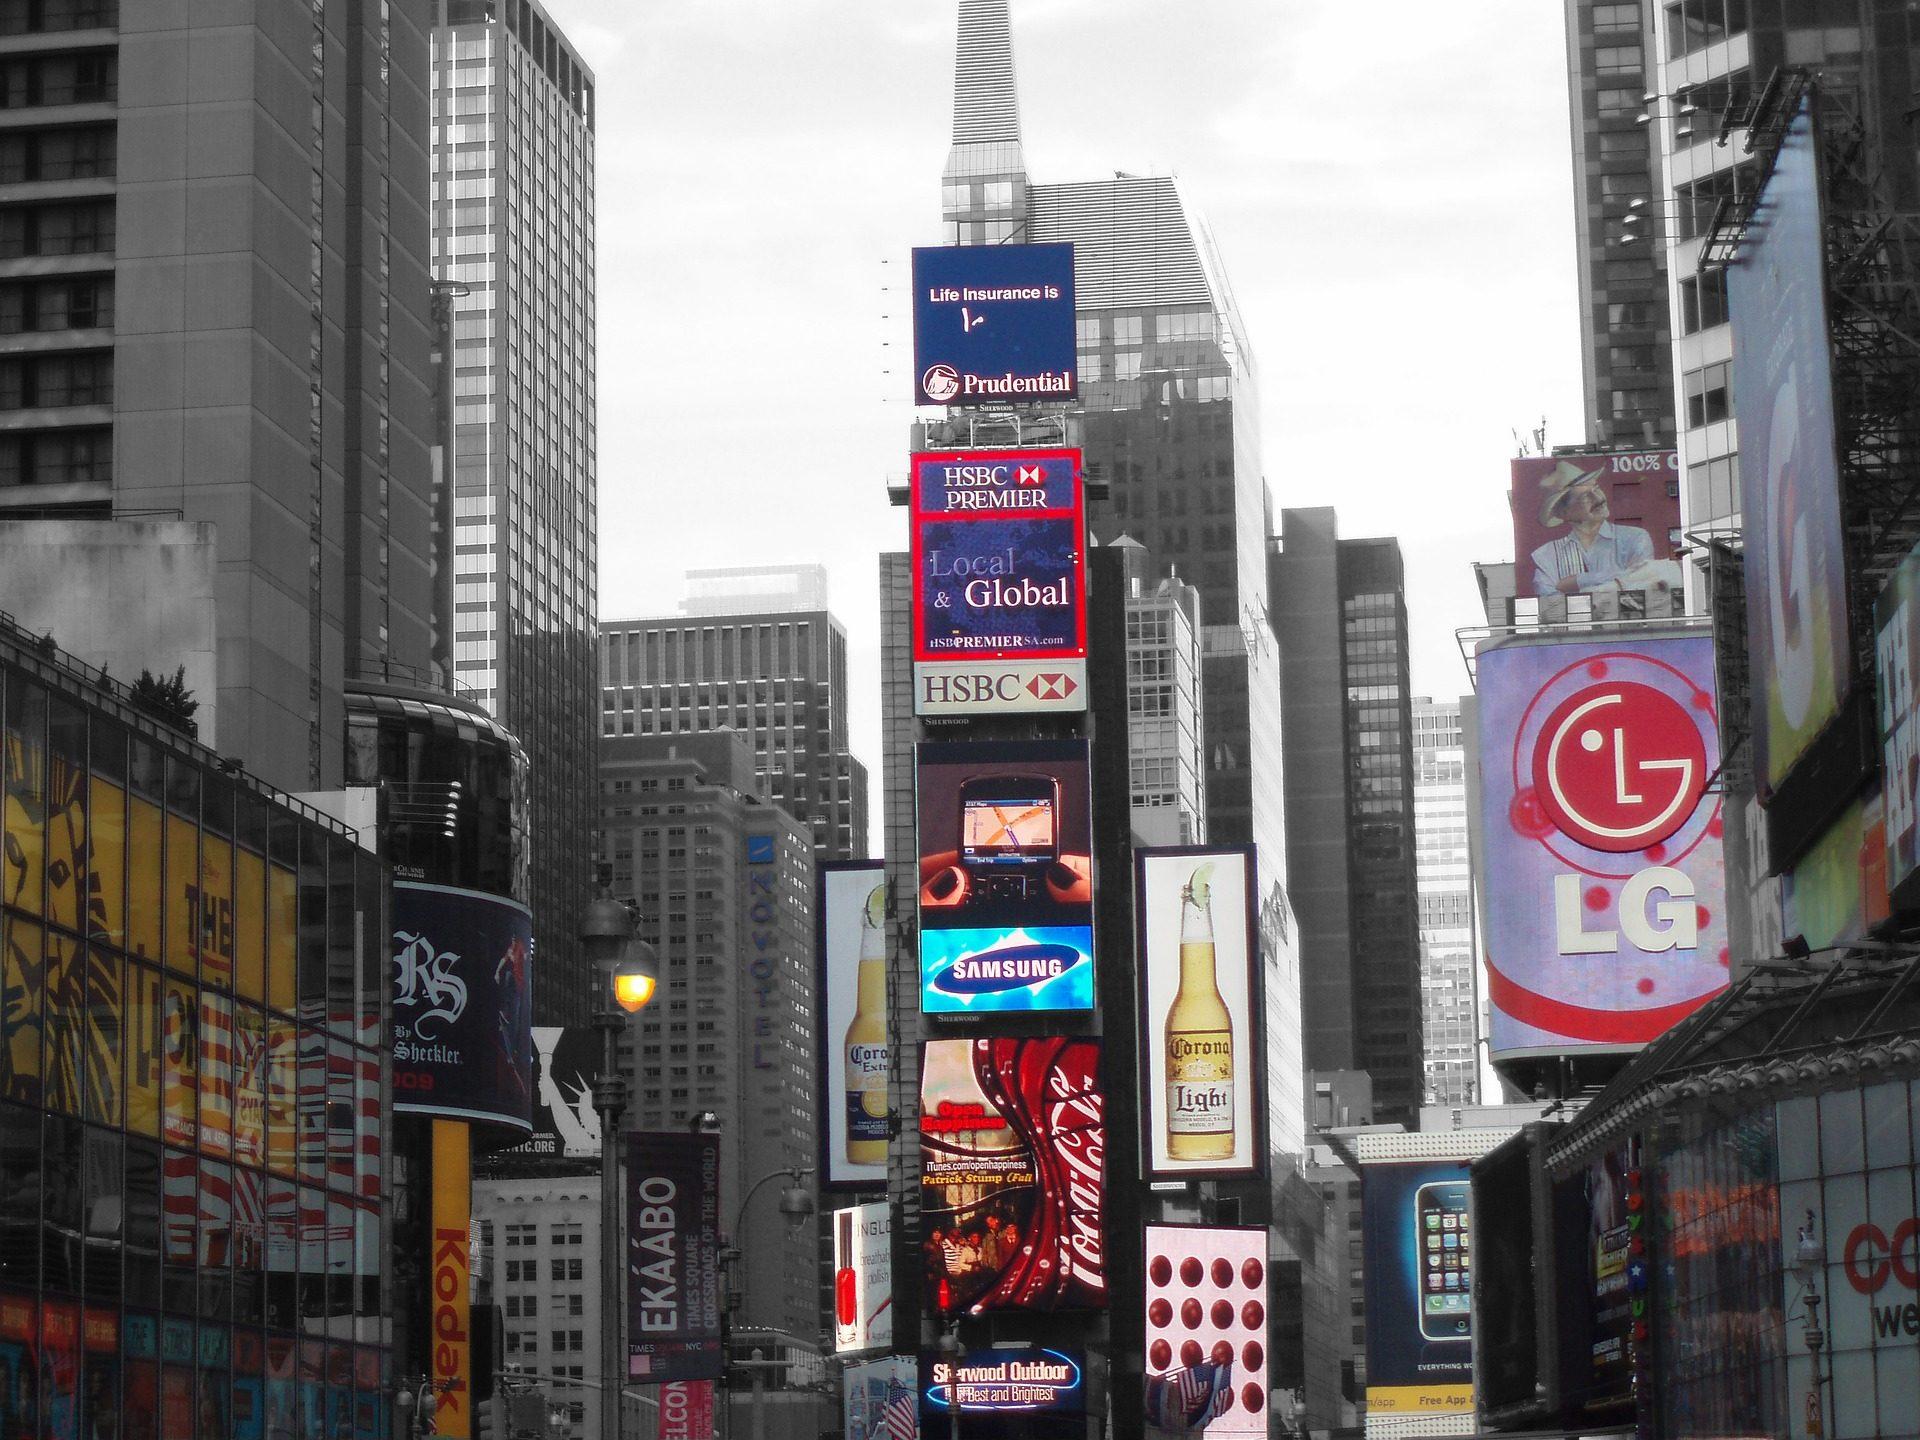 المباني, ناطحة سحاب, إعلان, الإعلان, مدينة - خلفيات عالية الدقة - أستاذ falken.com